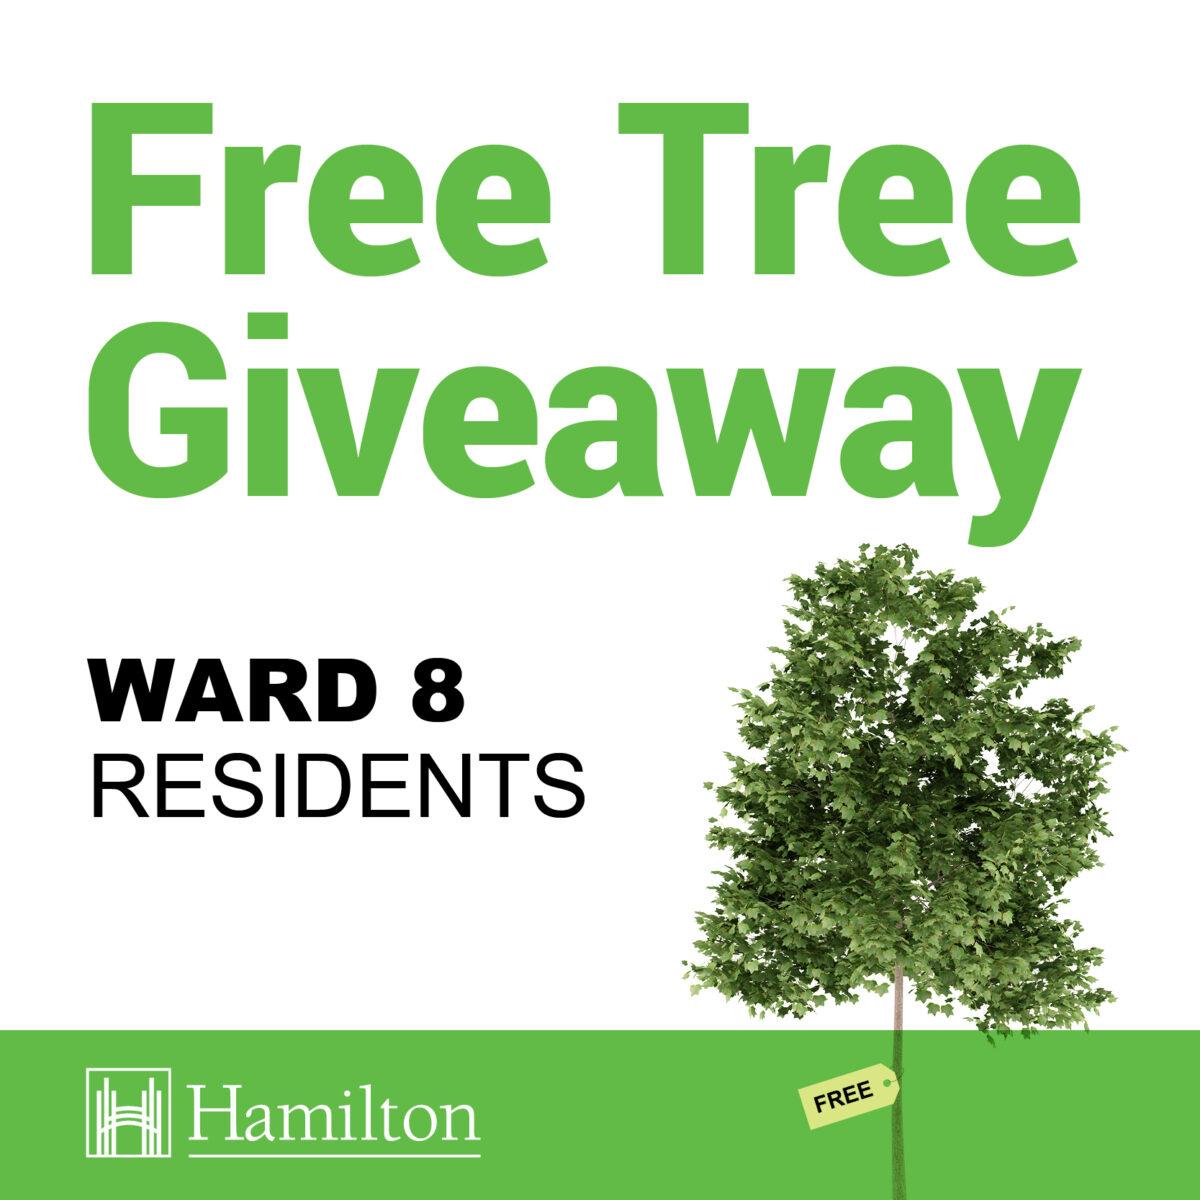 Ward 8 Tree Giveaway